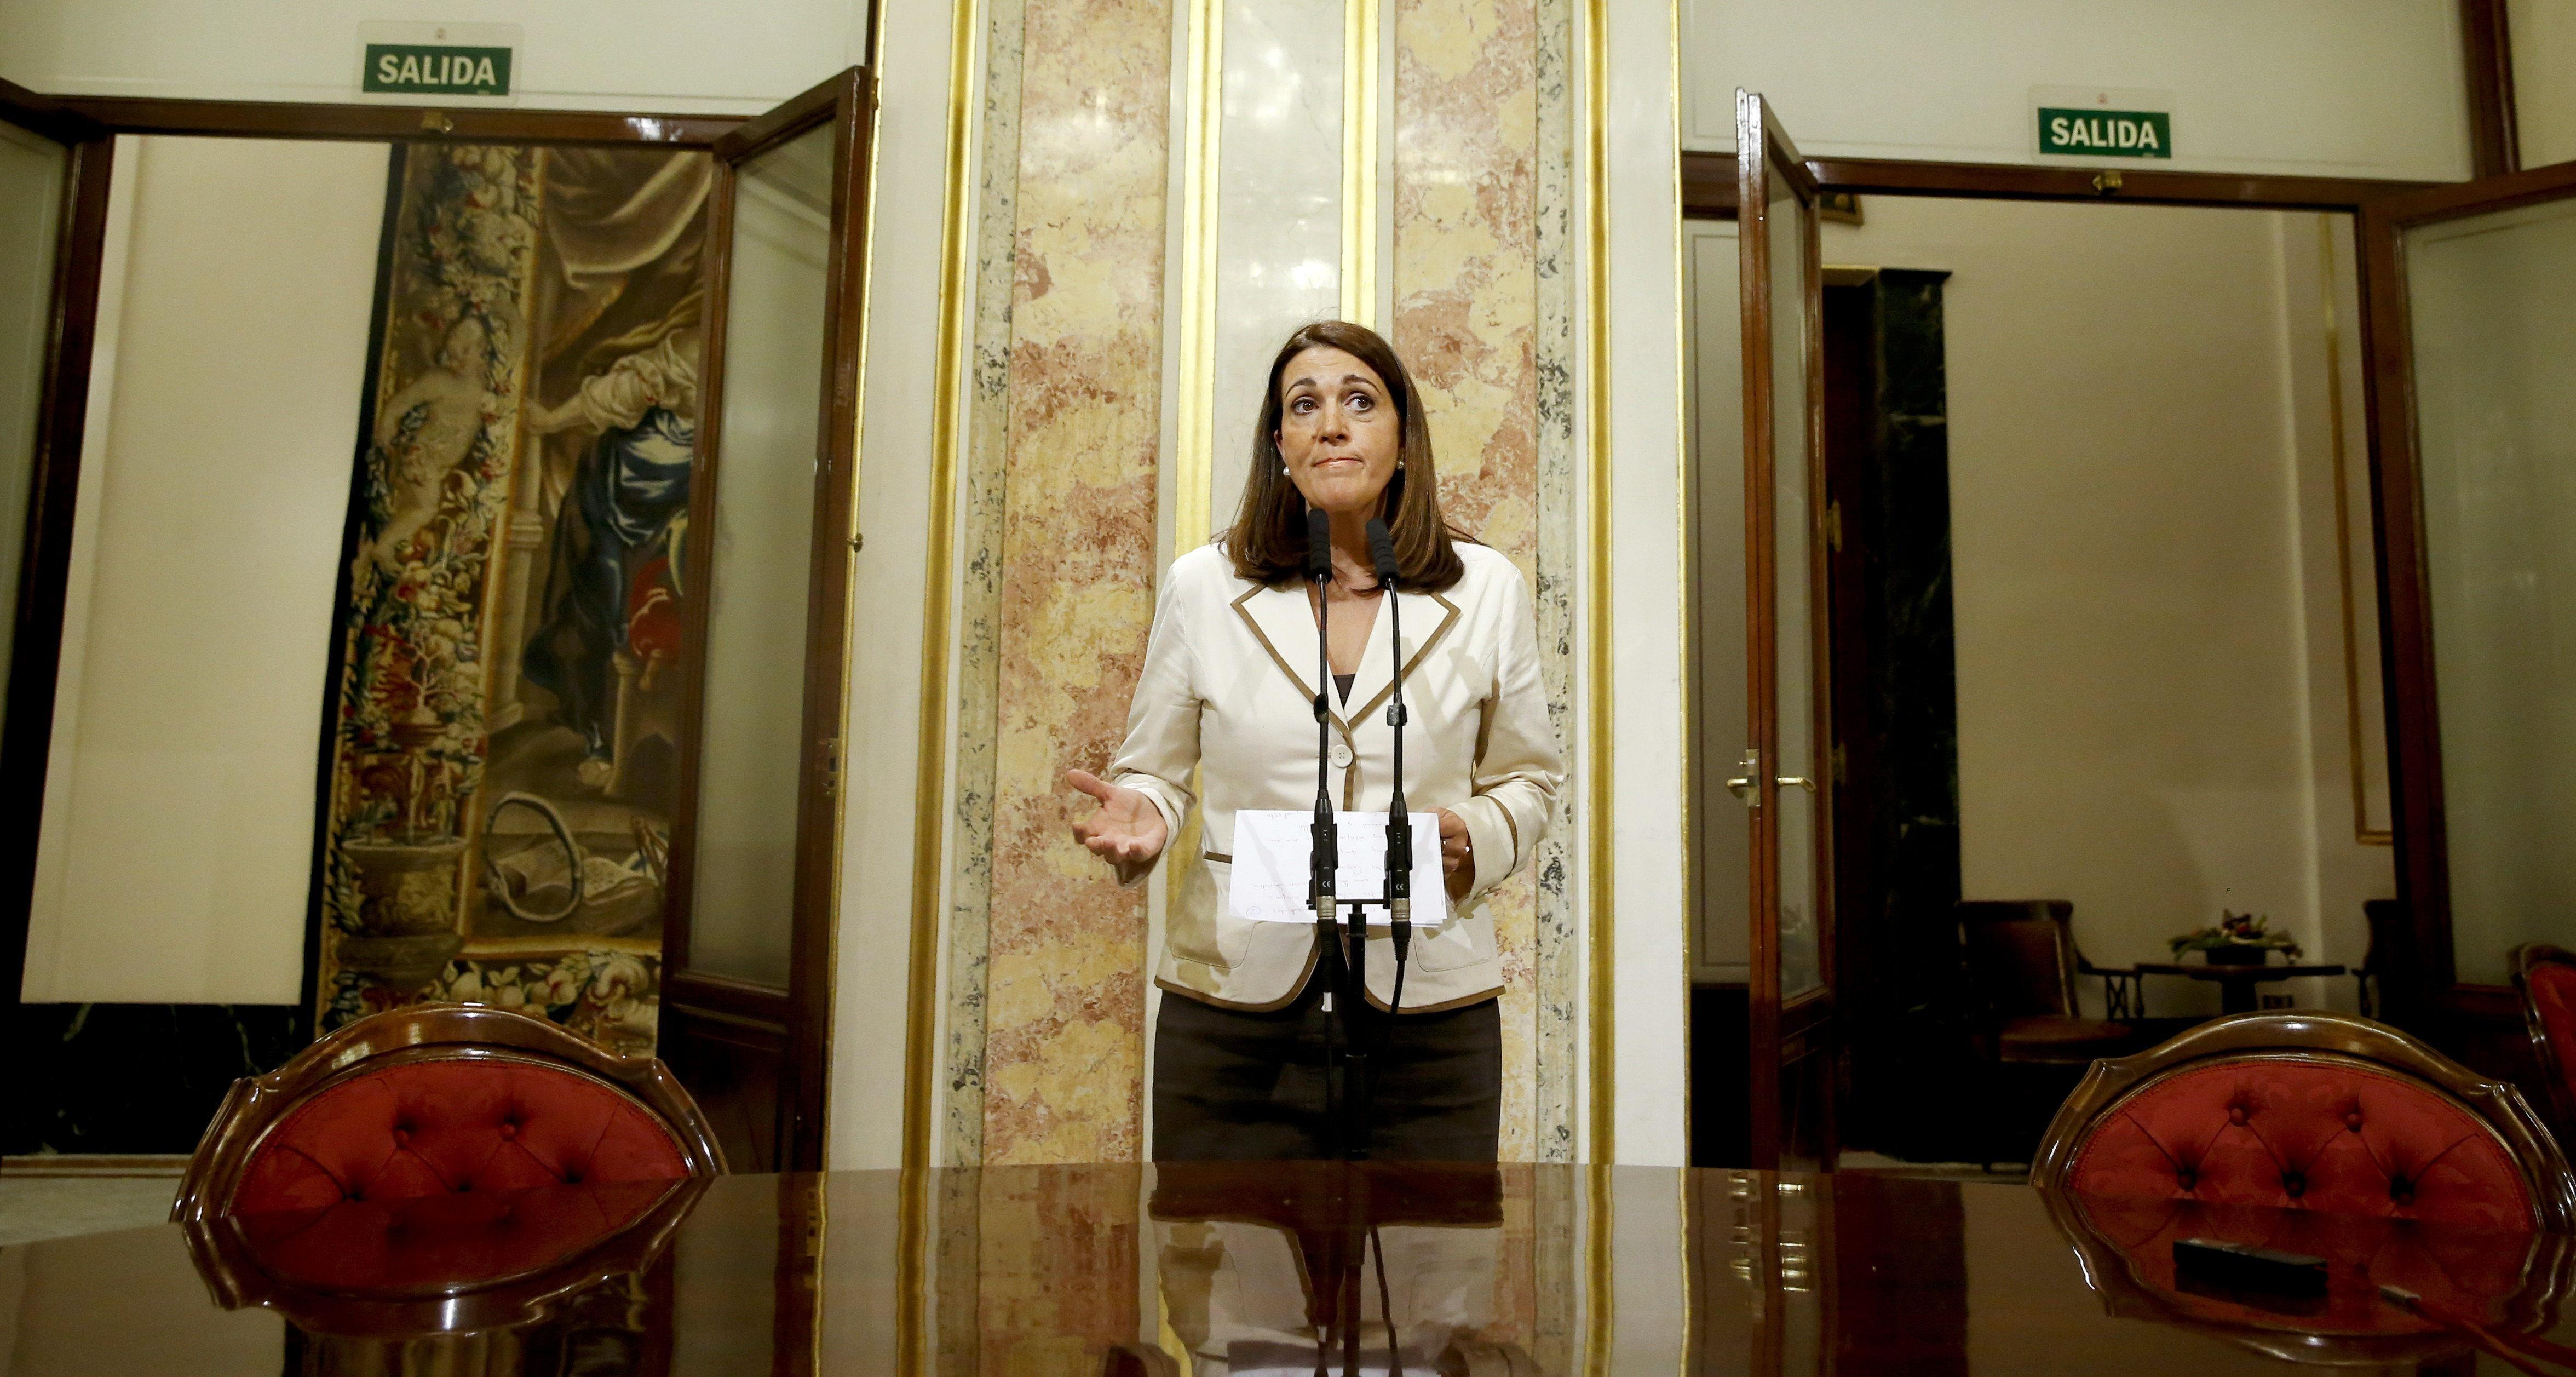 El PSC dice que Rajoy y Mas tienen la obligación moral de entenderse tras el éxito de la cadena